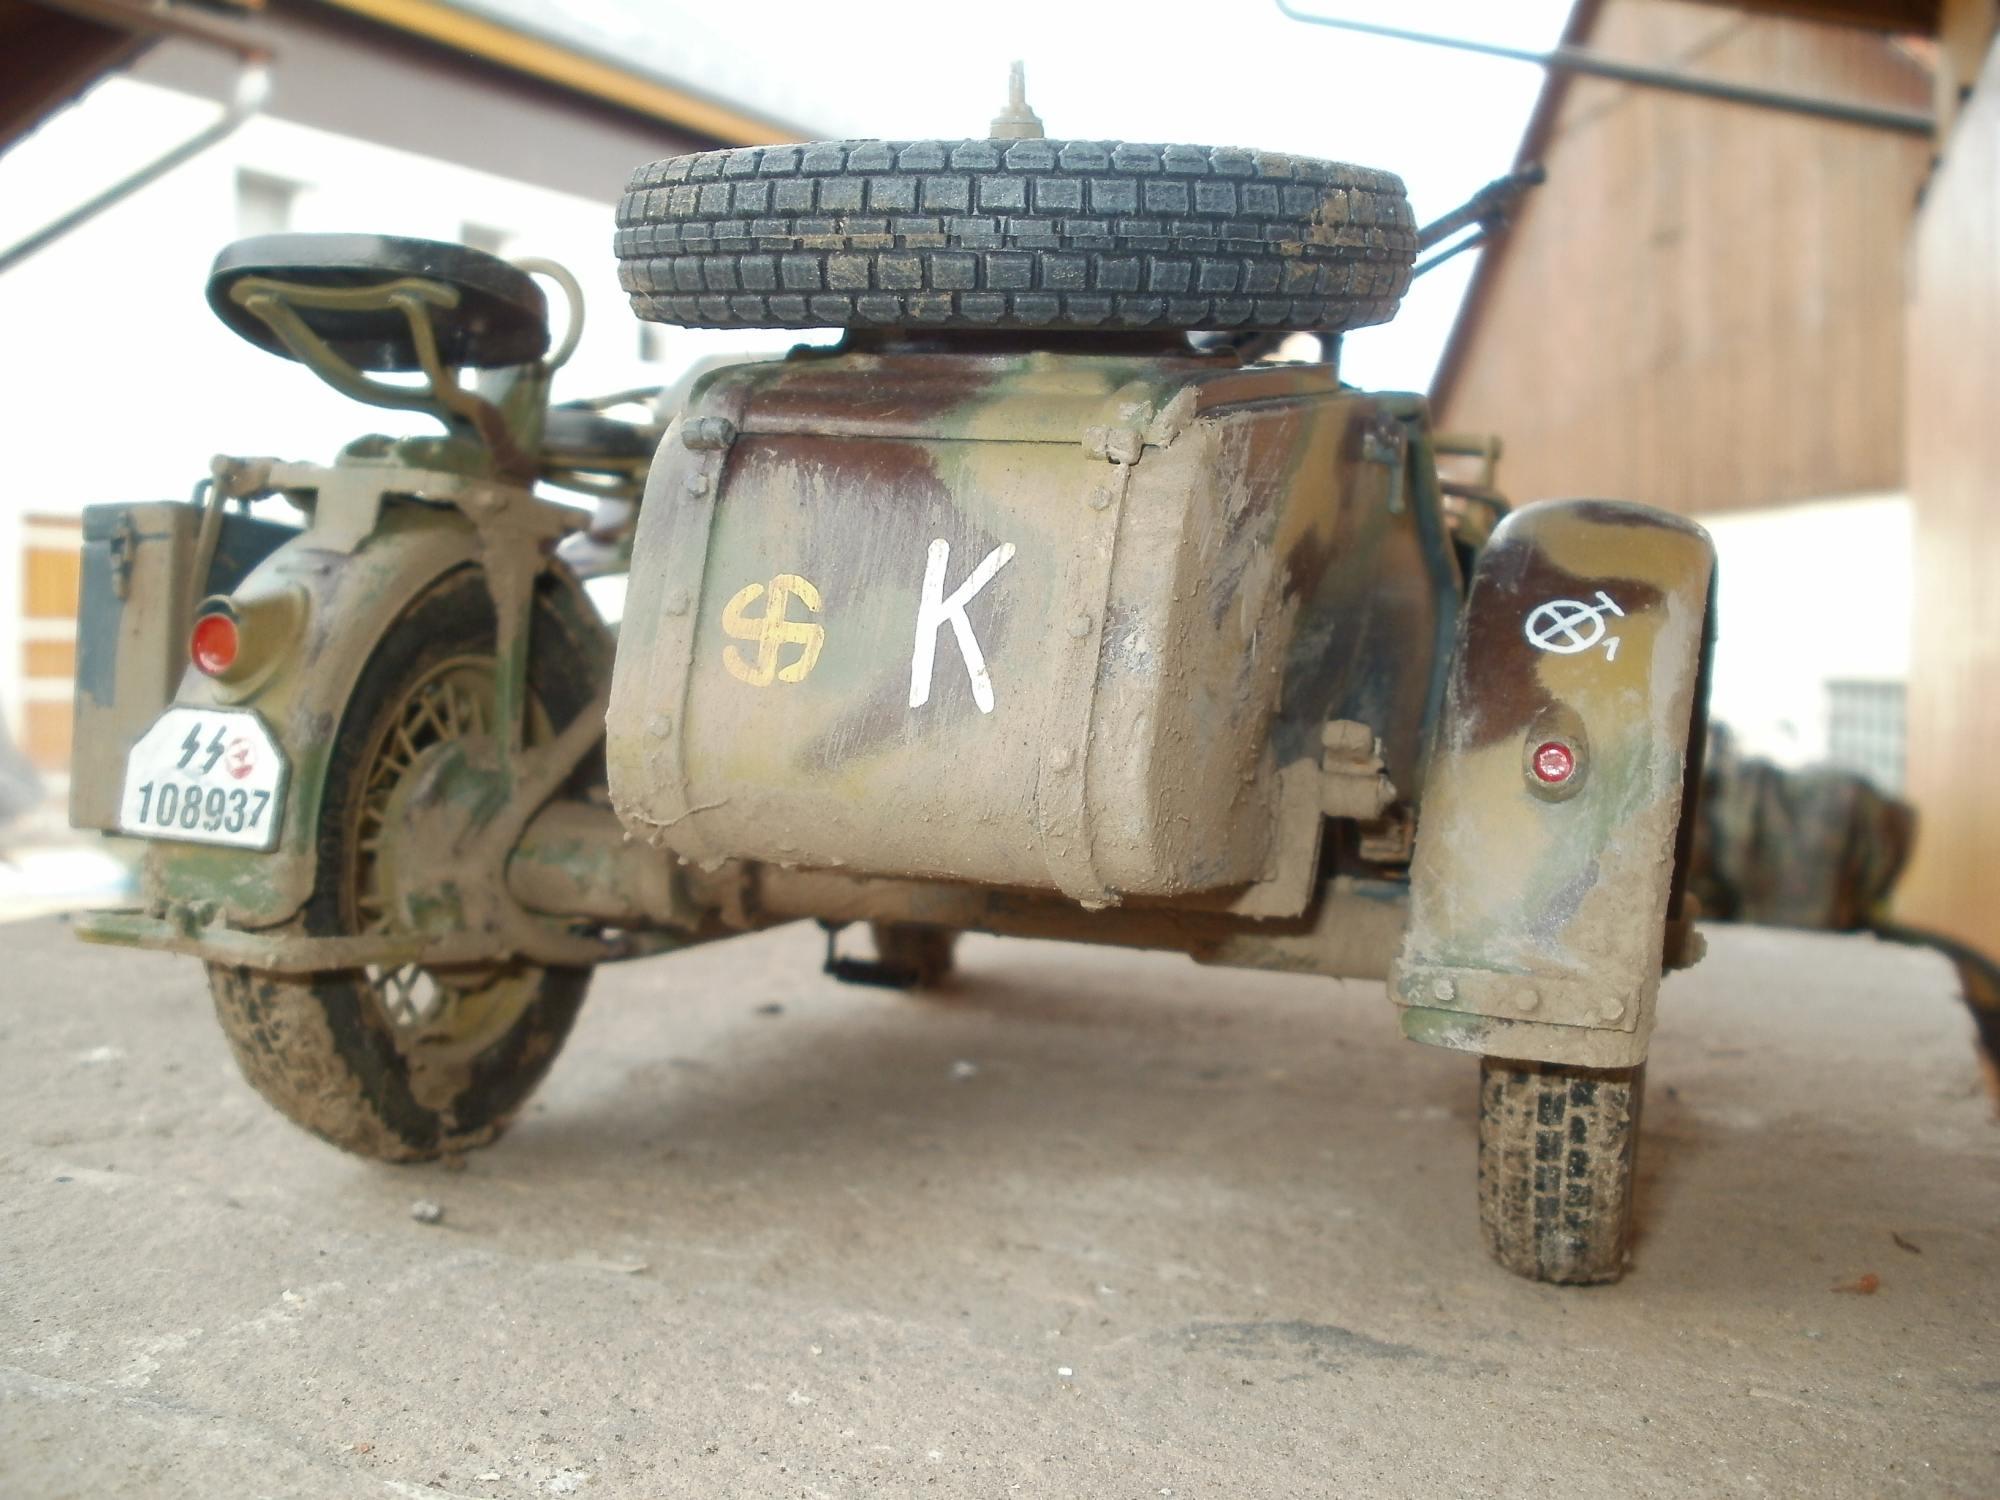 Zuendap KS 750 mit Beiwagen, Fahrzeug der 5.SS Panzerdivision unterstellt der Panzertruppe Kleist im neuen Dreifarben-Anstrich für Großgerät der Wehrmacht.